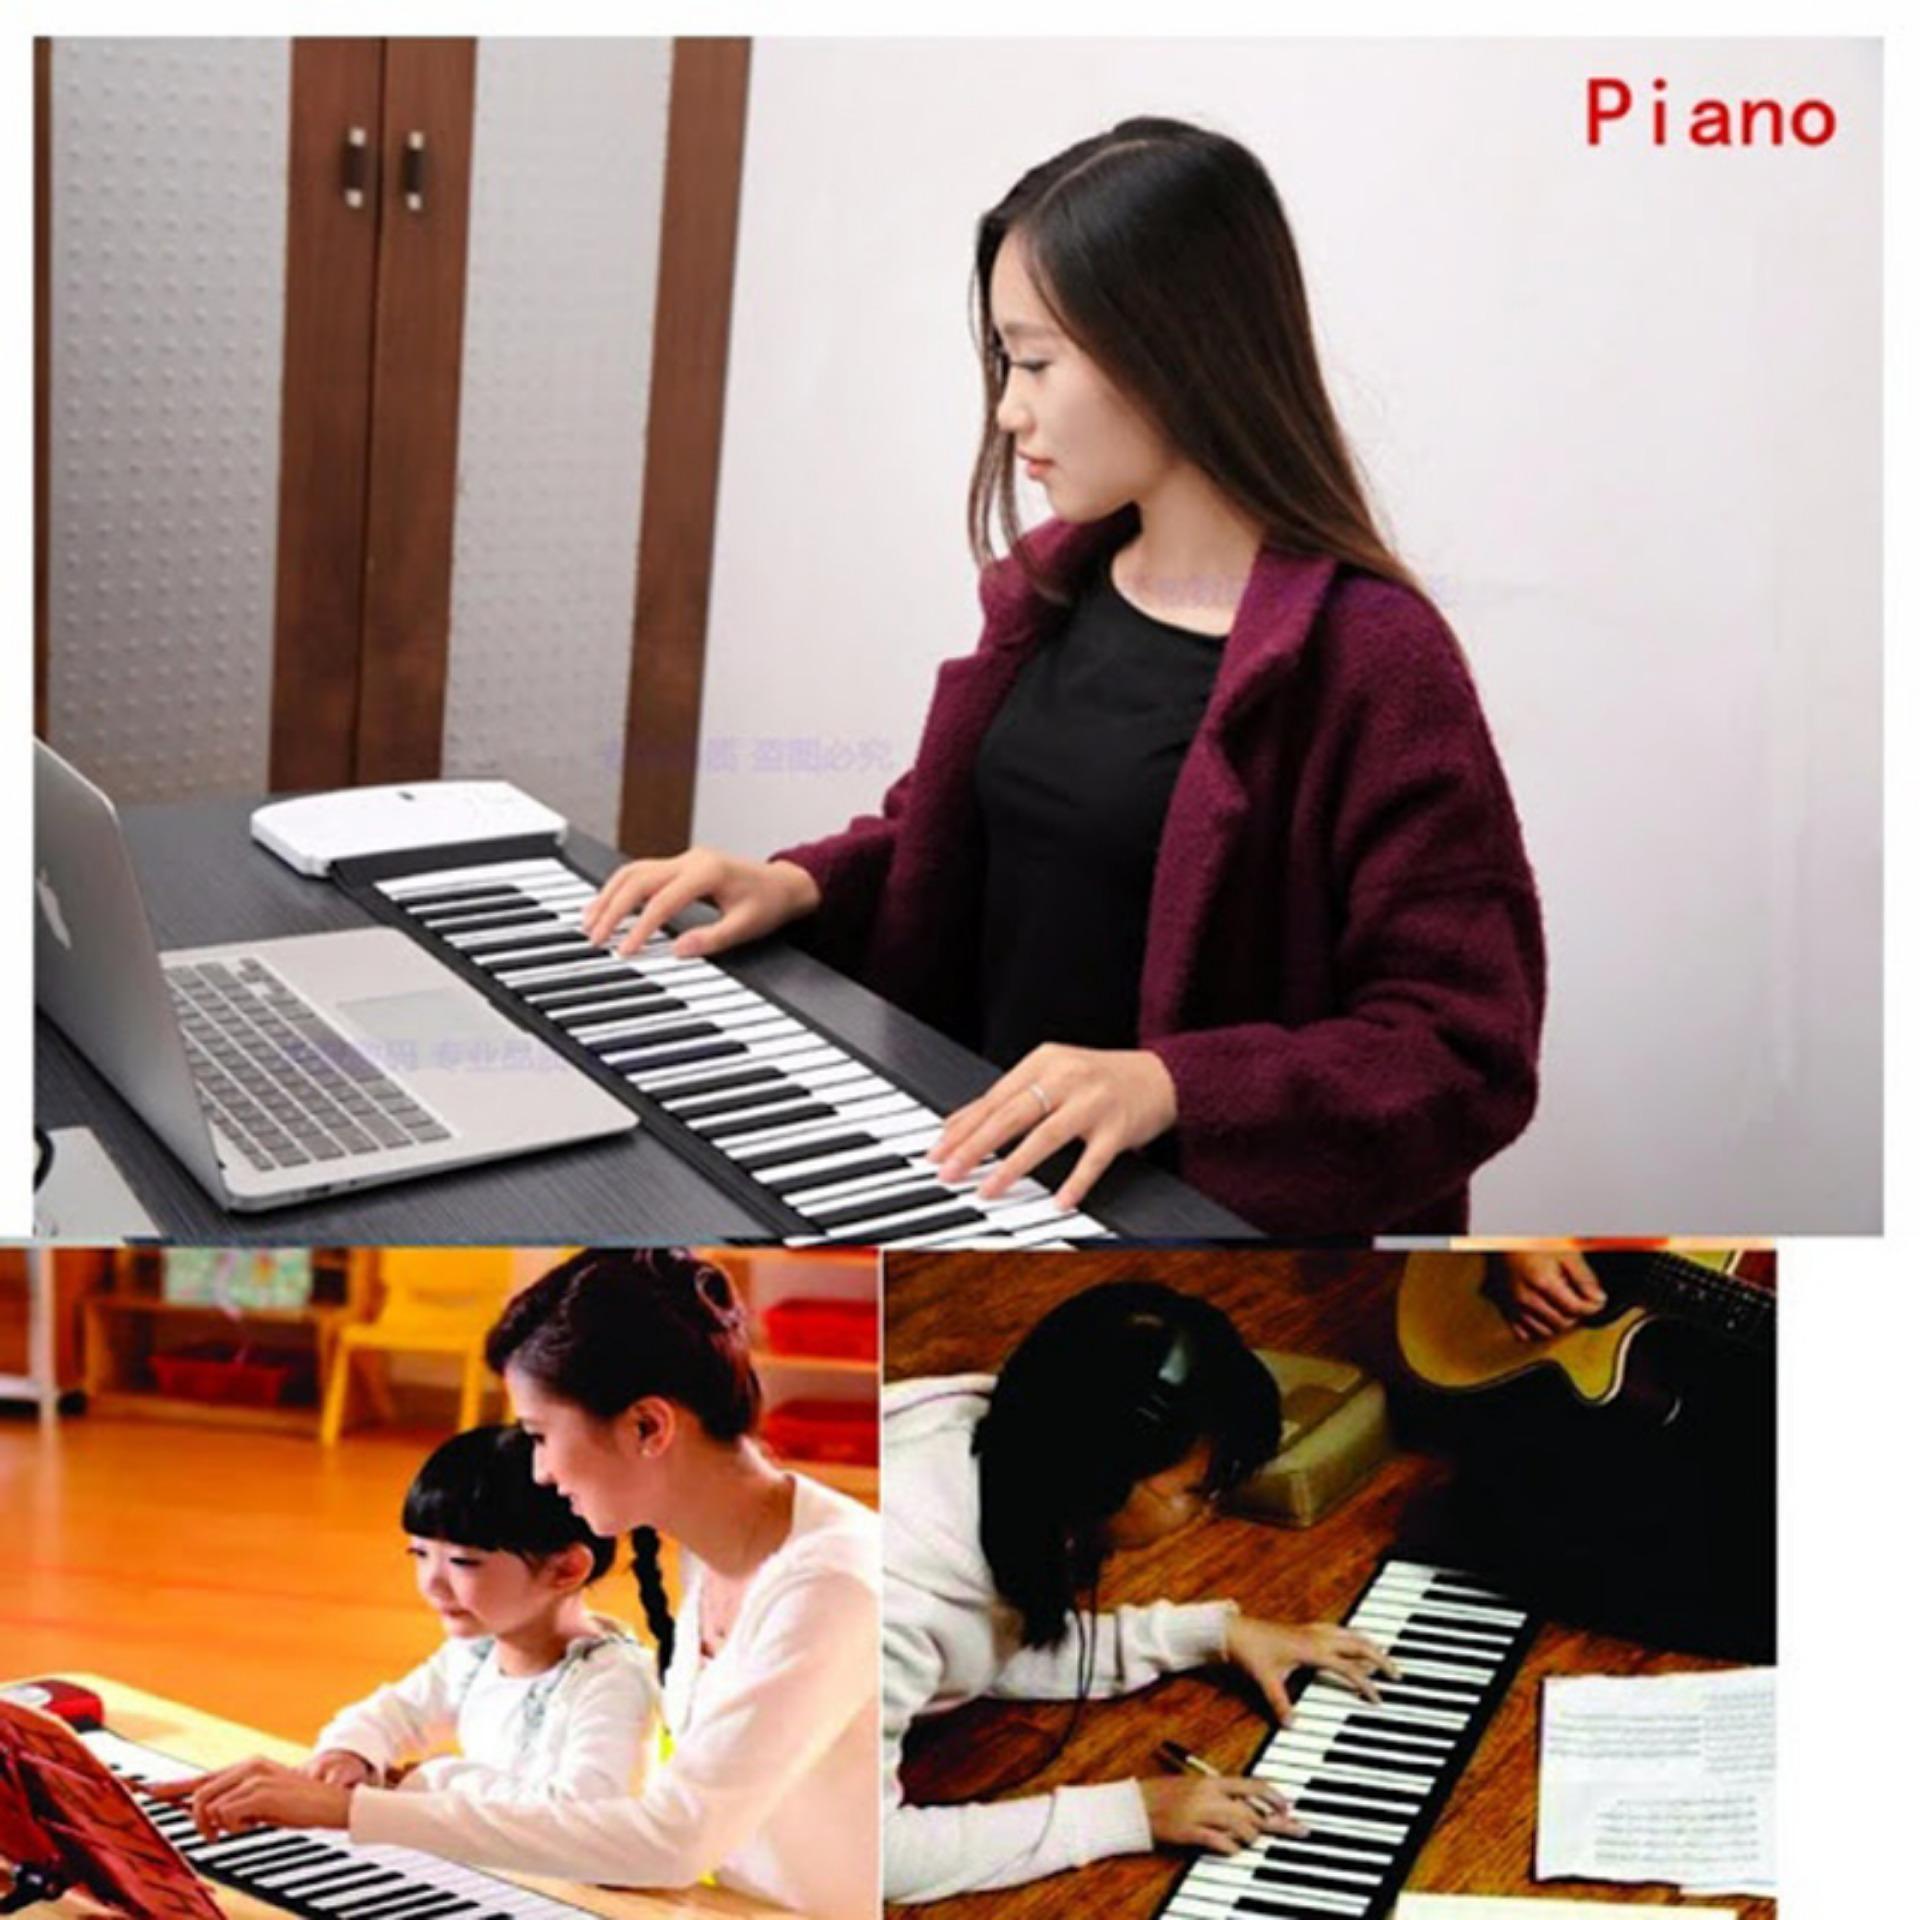 Đàn Piano Cho Bé  Thỏa Sức Âm Nhạc, Các mẫu Piano Phím cuộn mềm dẻo Chinh Hãng, Đàn Piano Điện Tử Bàn Phím Cuộn Dẻo giá tốt. Mua hàng qua mạng uy tín, tiện lợi